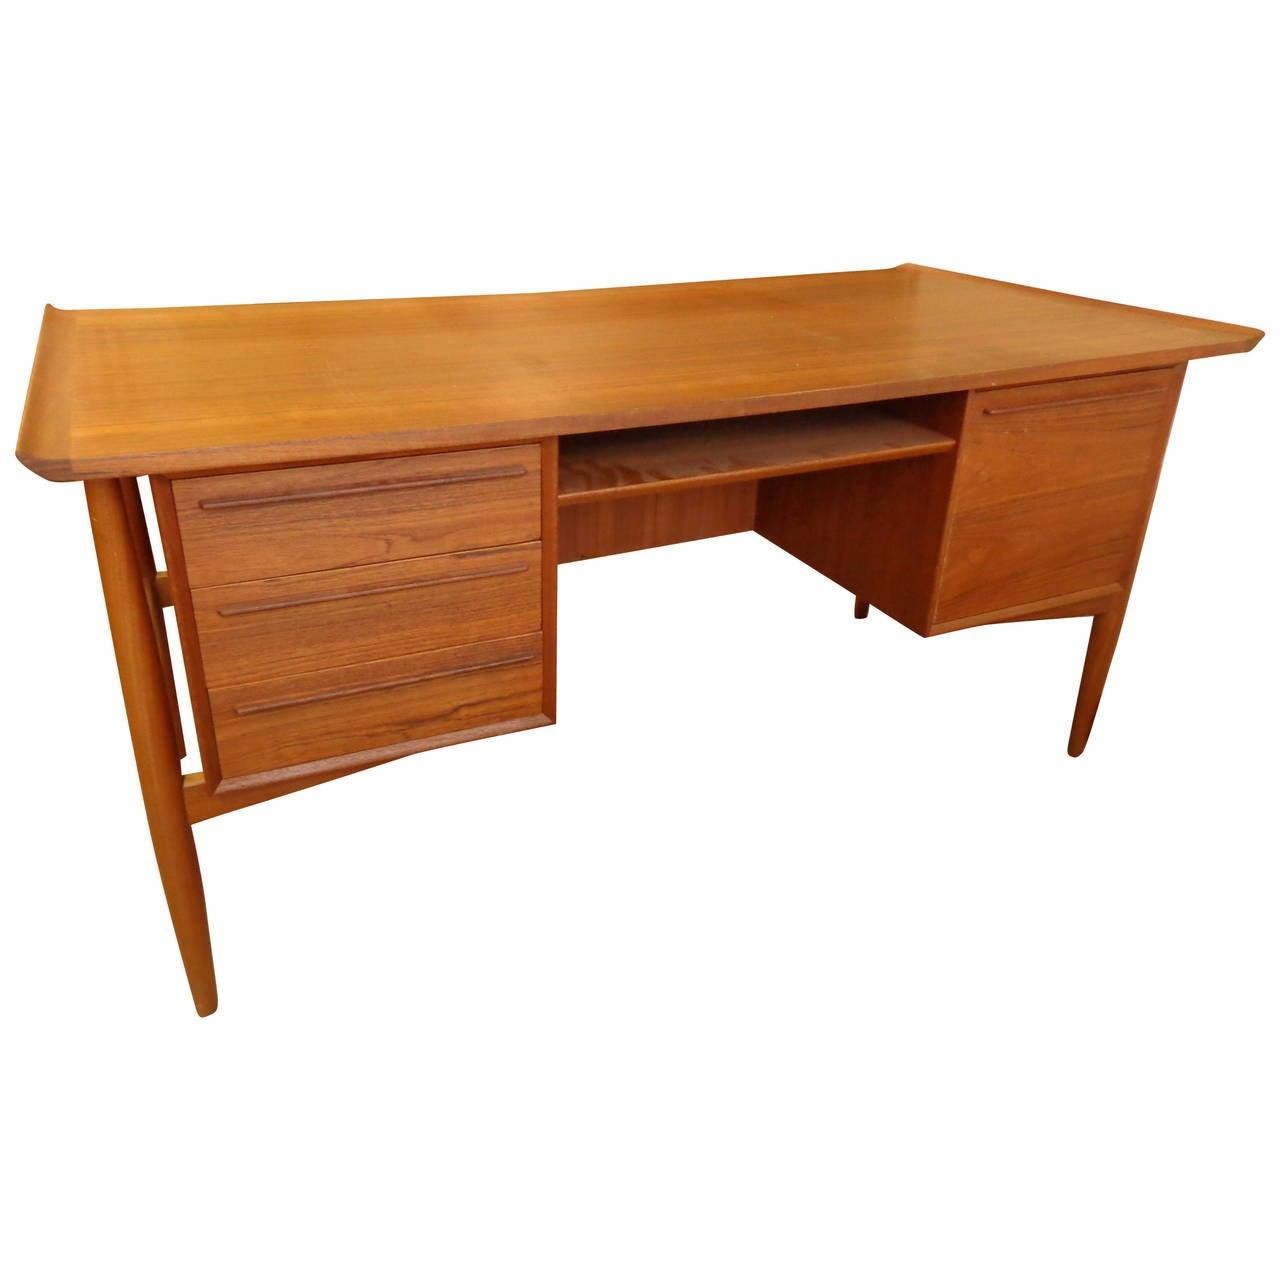 Arne Vodder Teak Desk For Sale at 1stdibs